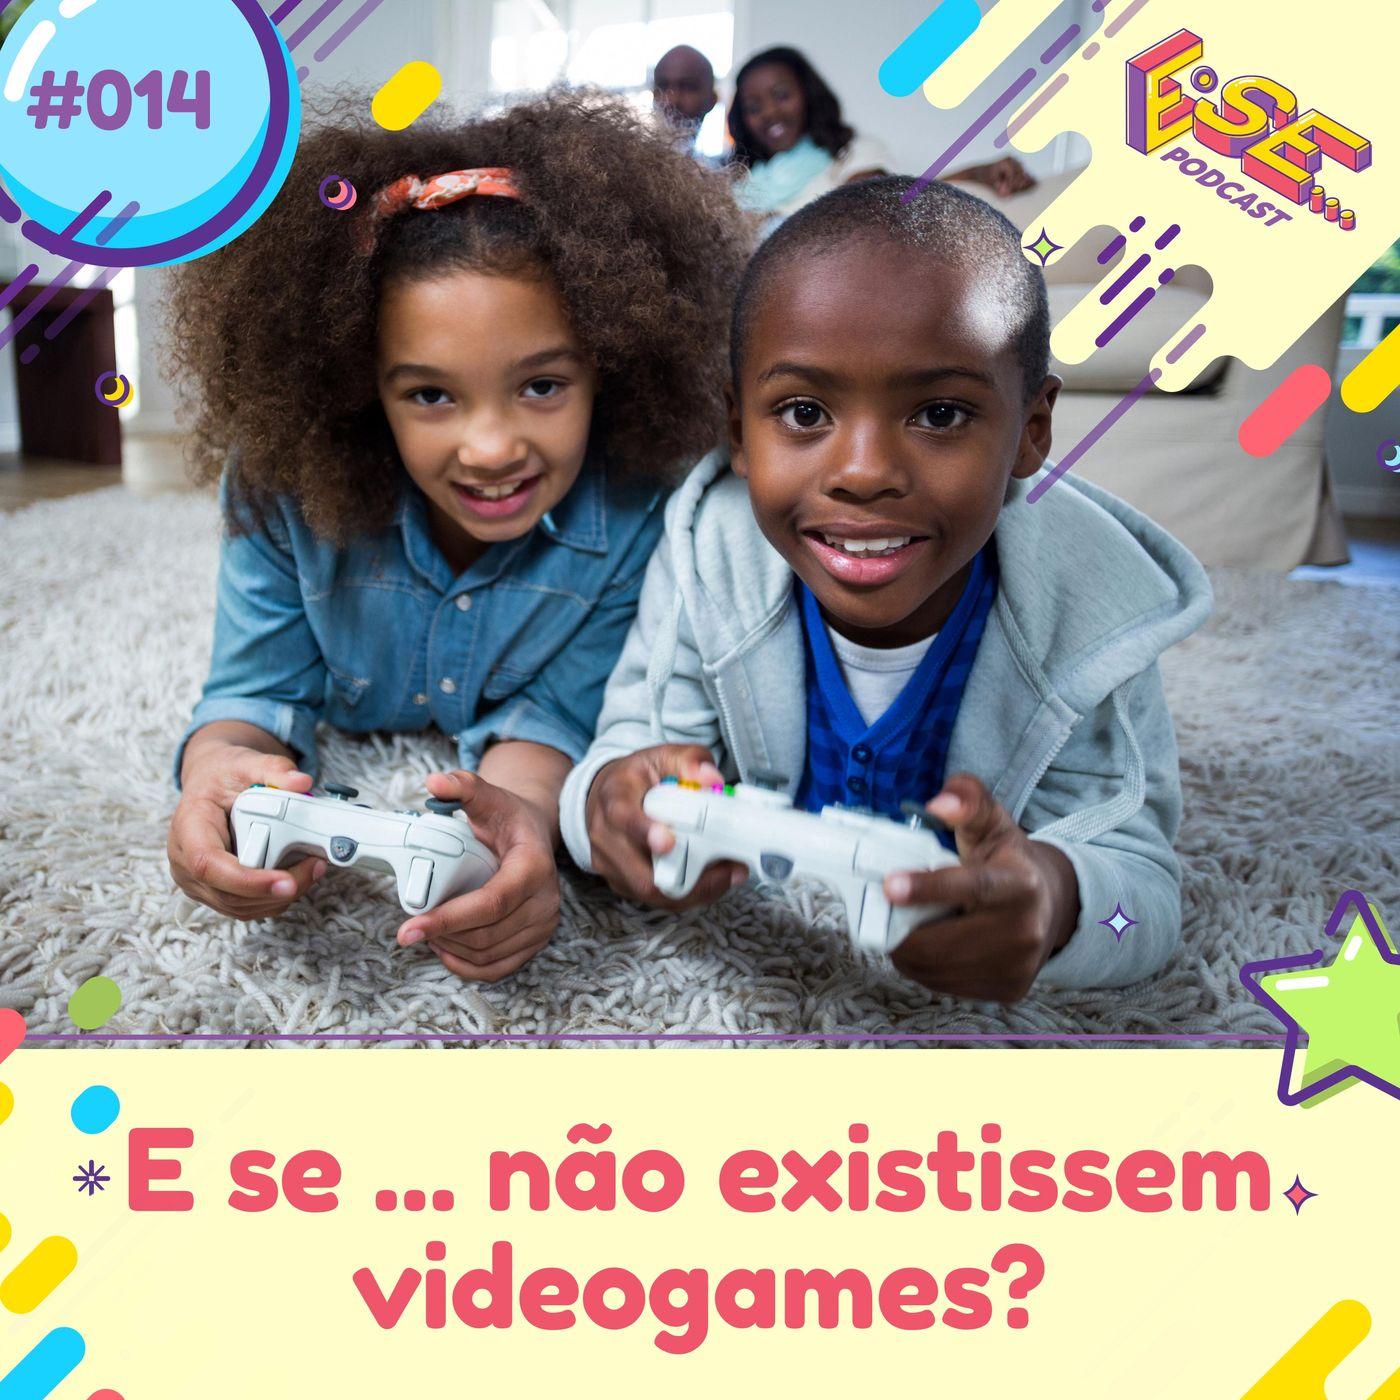 E se... podcast #14 - E se ... não existissem videogames?